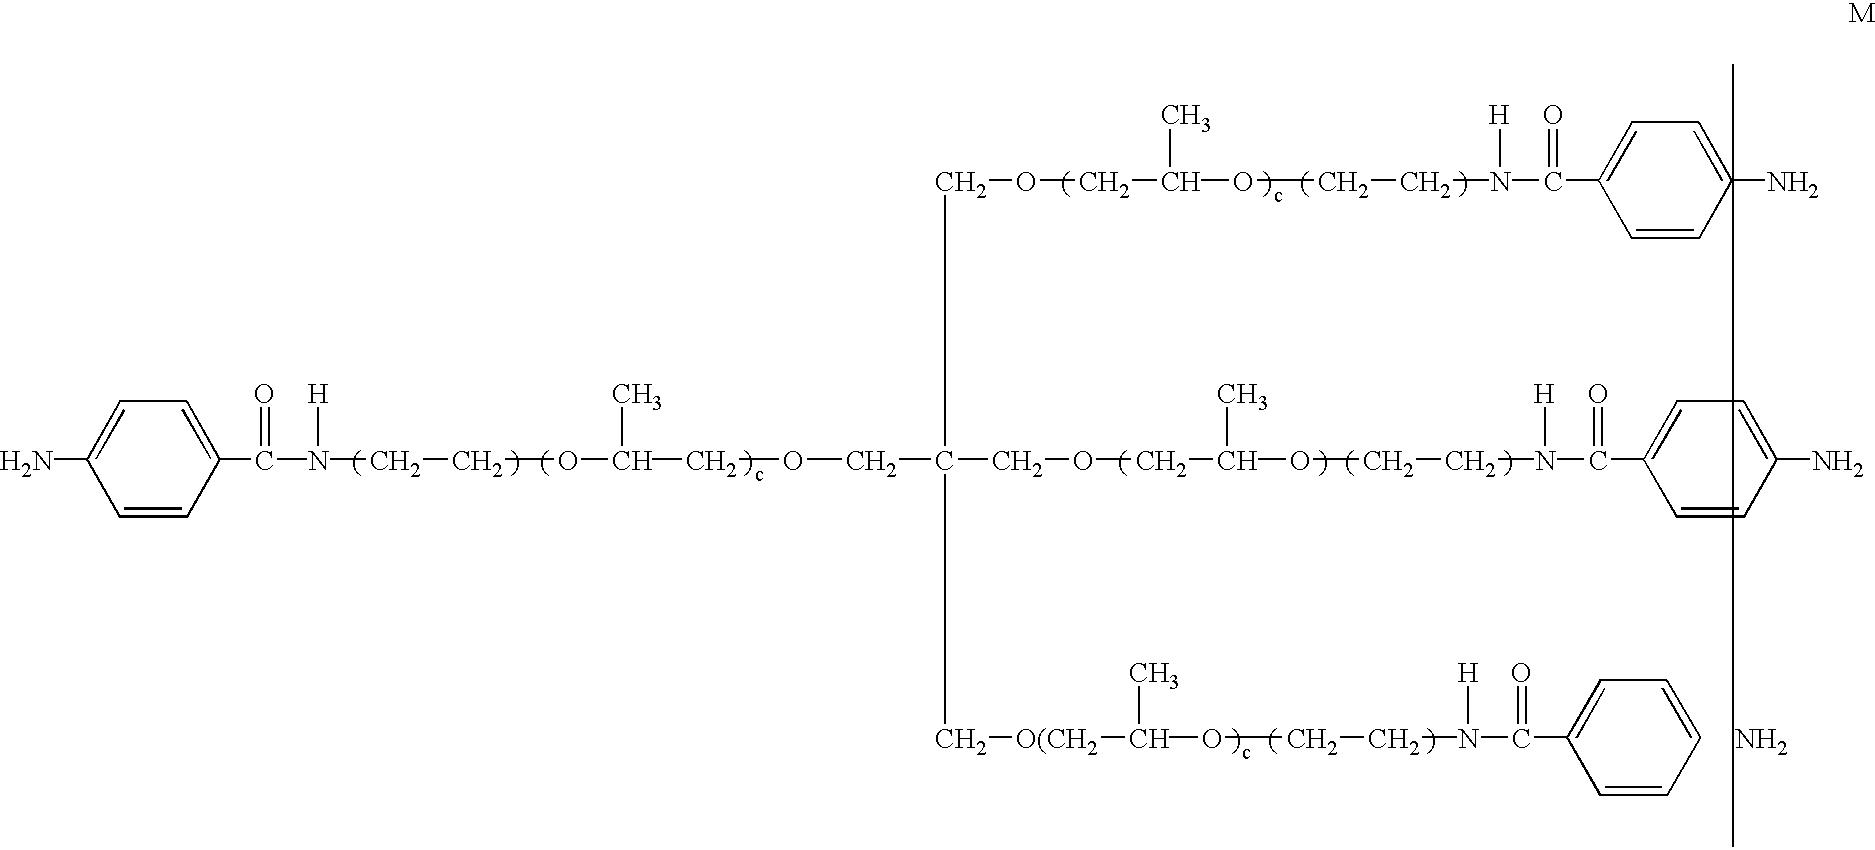 Figure US06403063-20020611-C00015